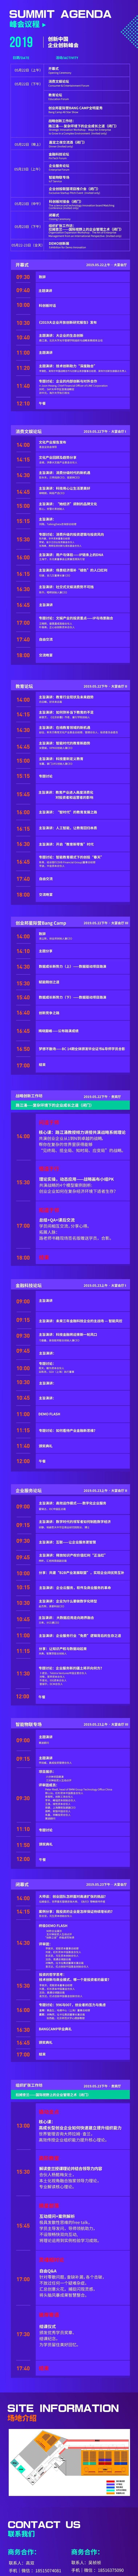 创新中国春季峰会(议程).jpg